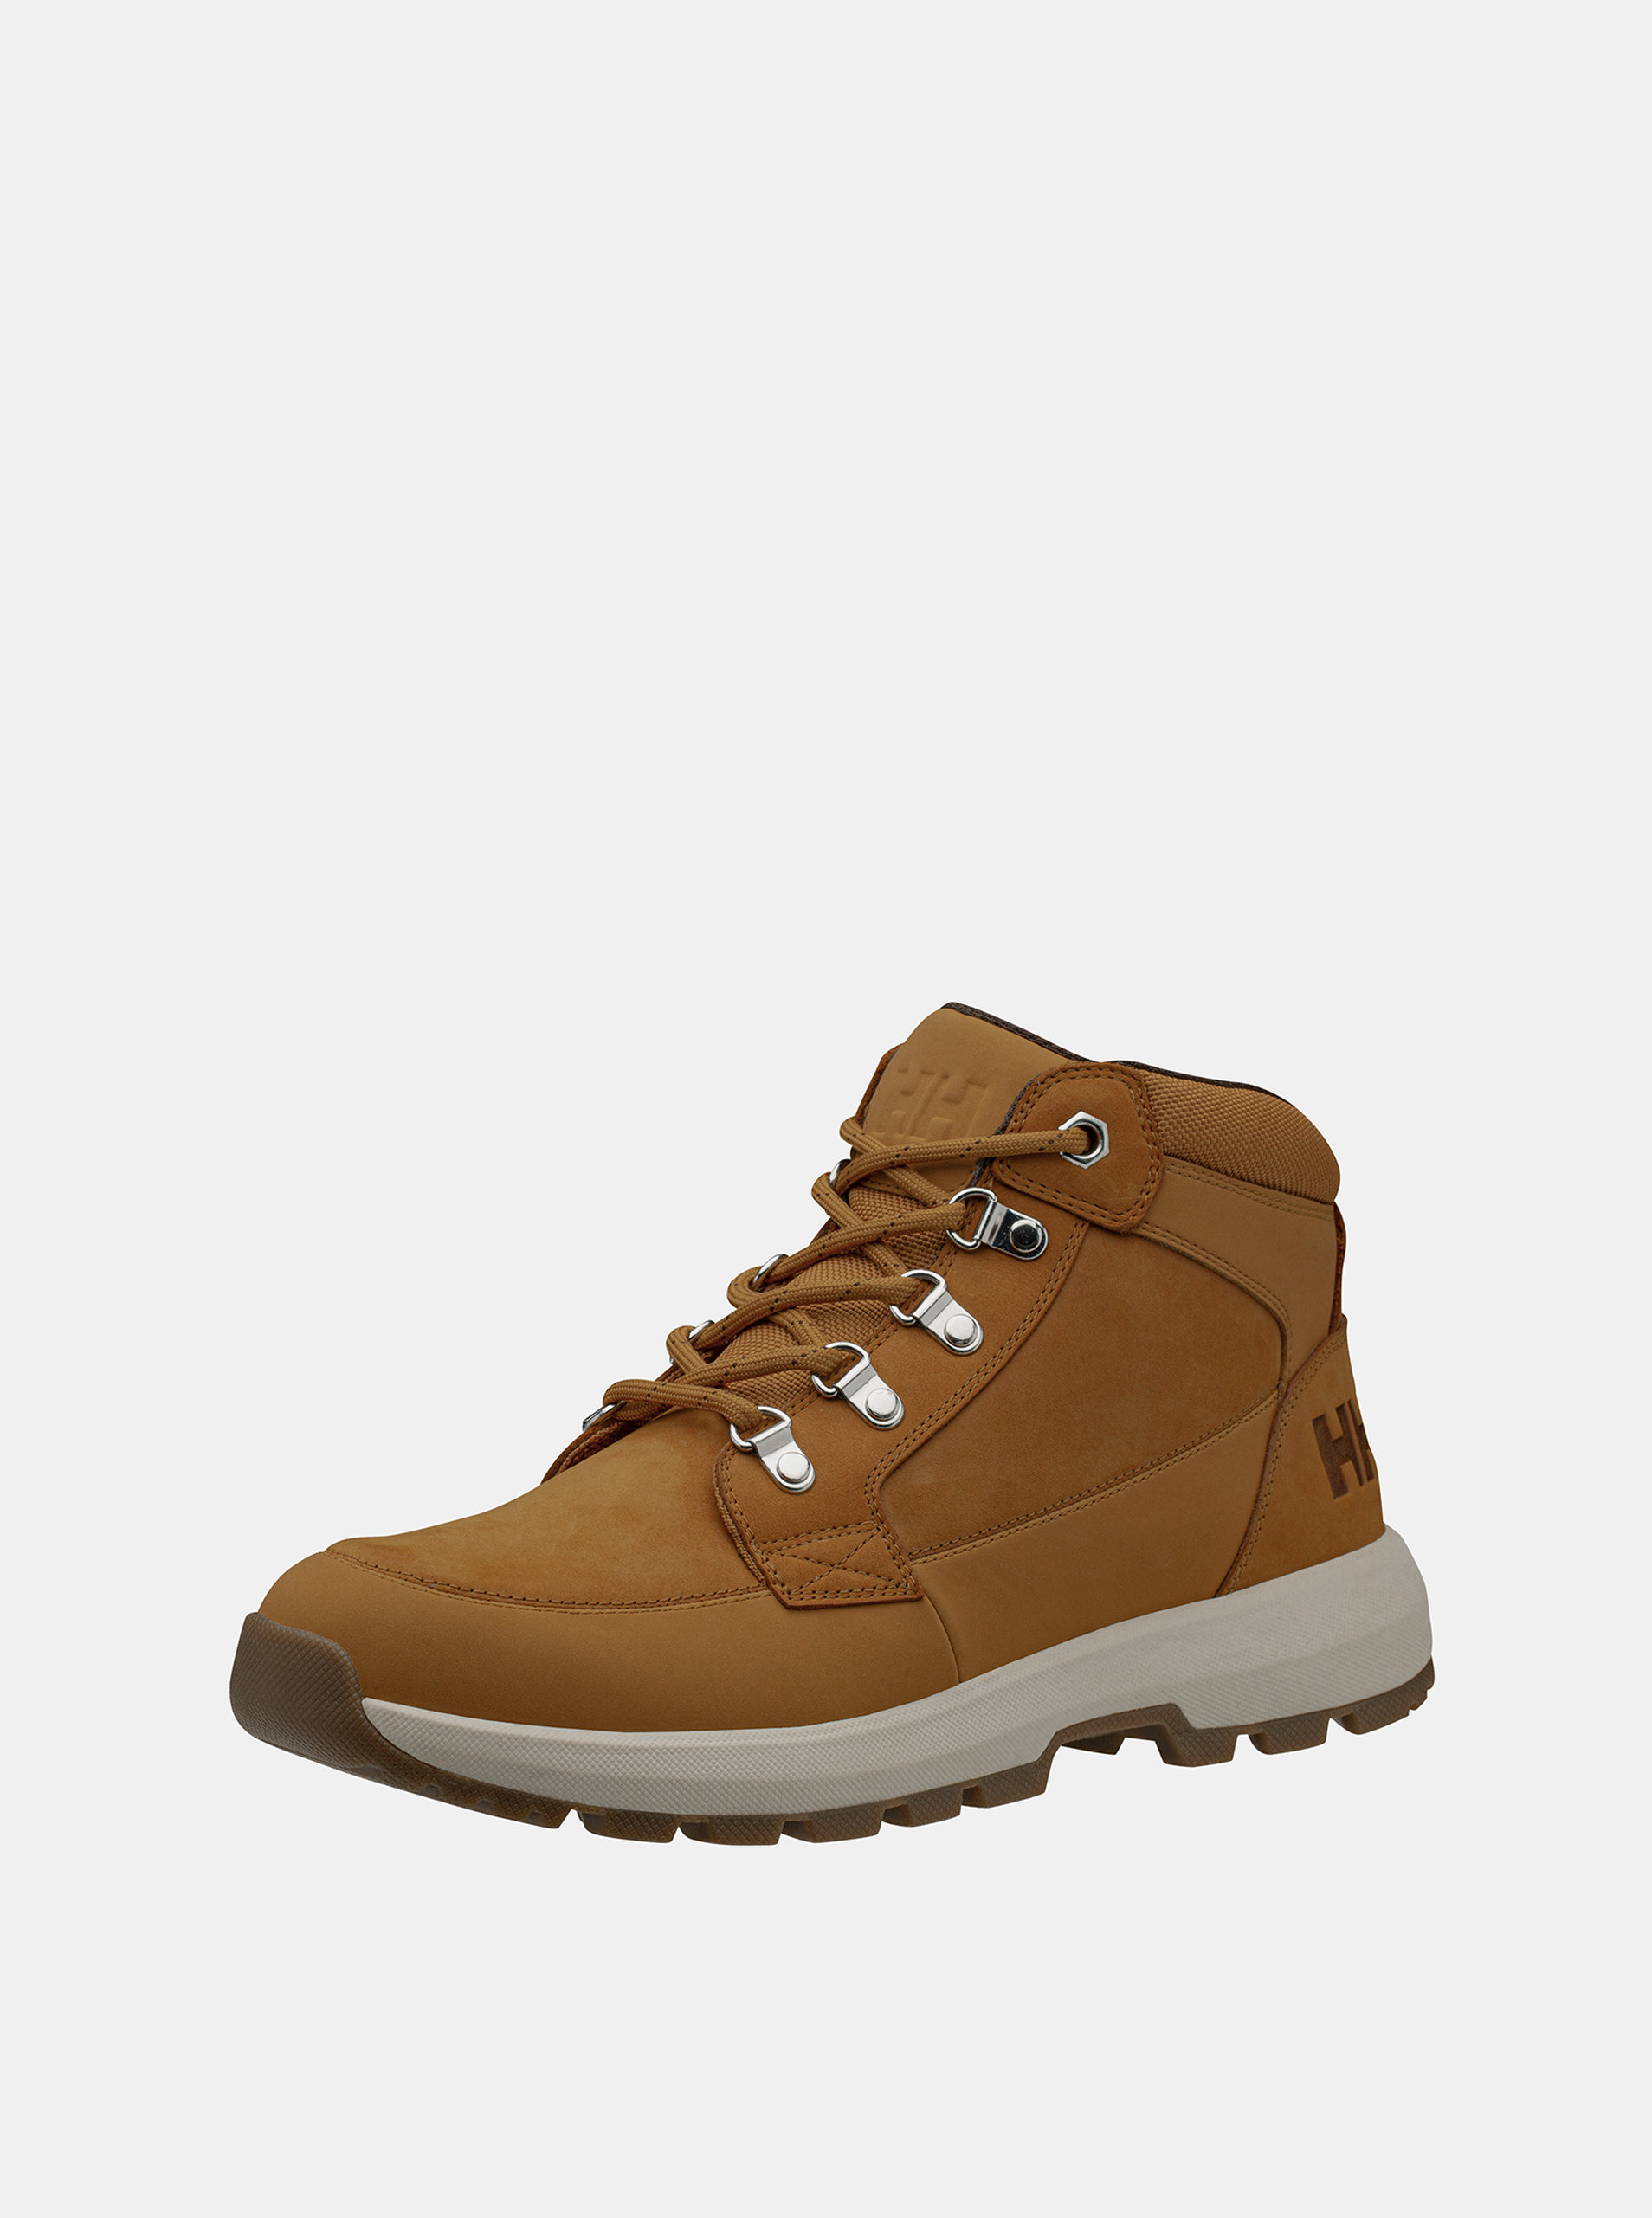 Hnedé pánske kožené vodeodolné topánky HELLY HANSEN